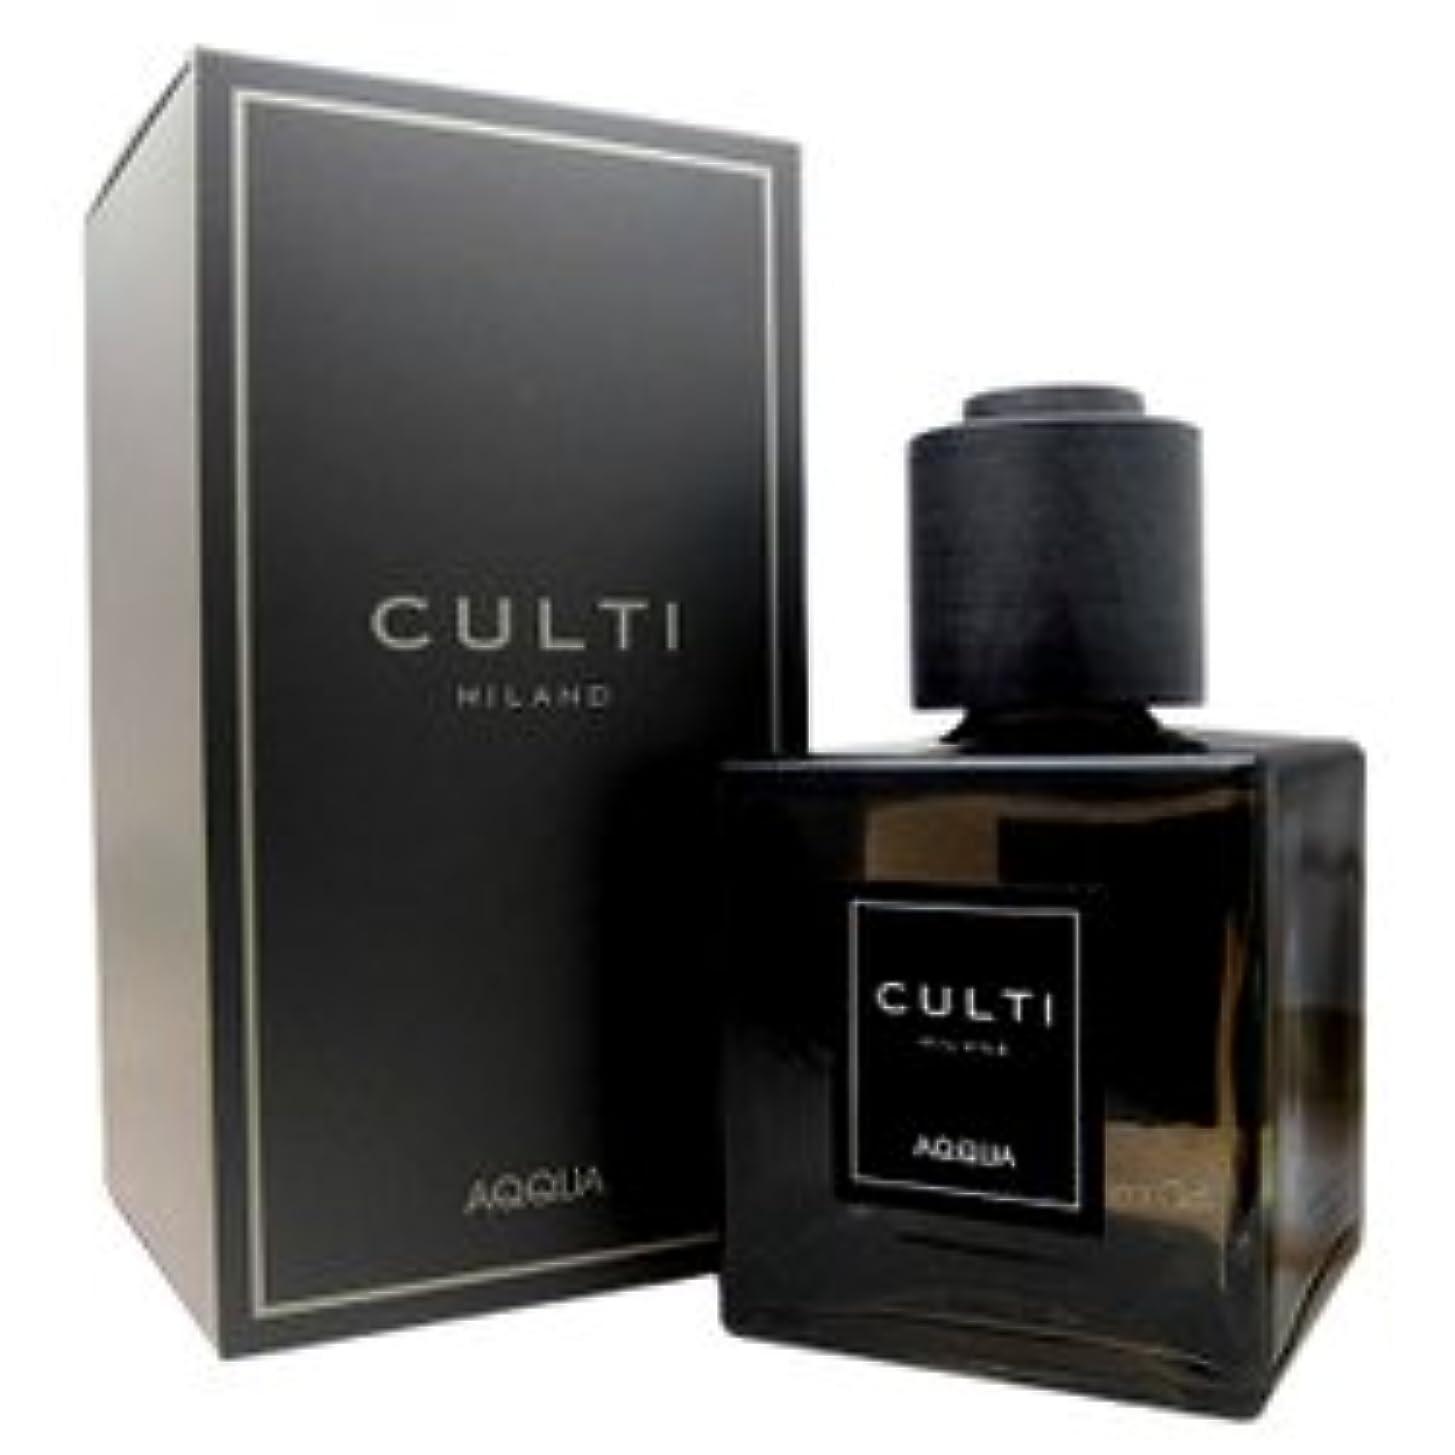 【CULTI】クルティ デコールクラシック AQQUA 250ml [並行輸入品]